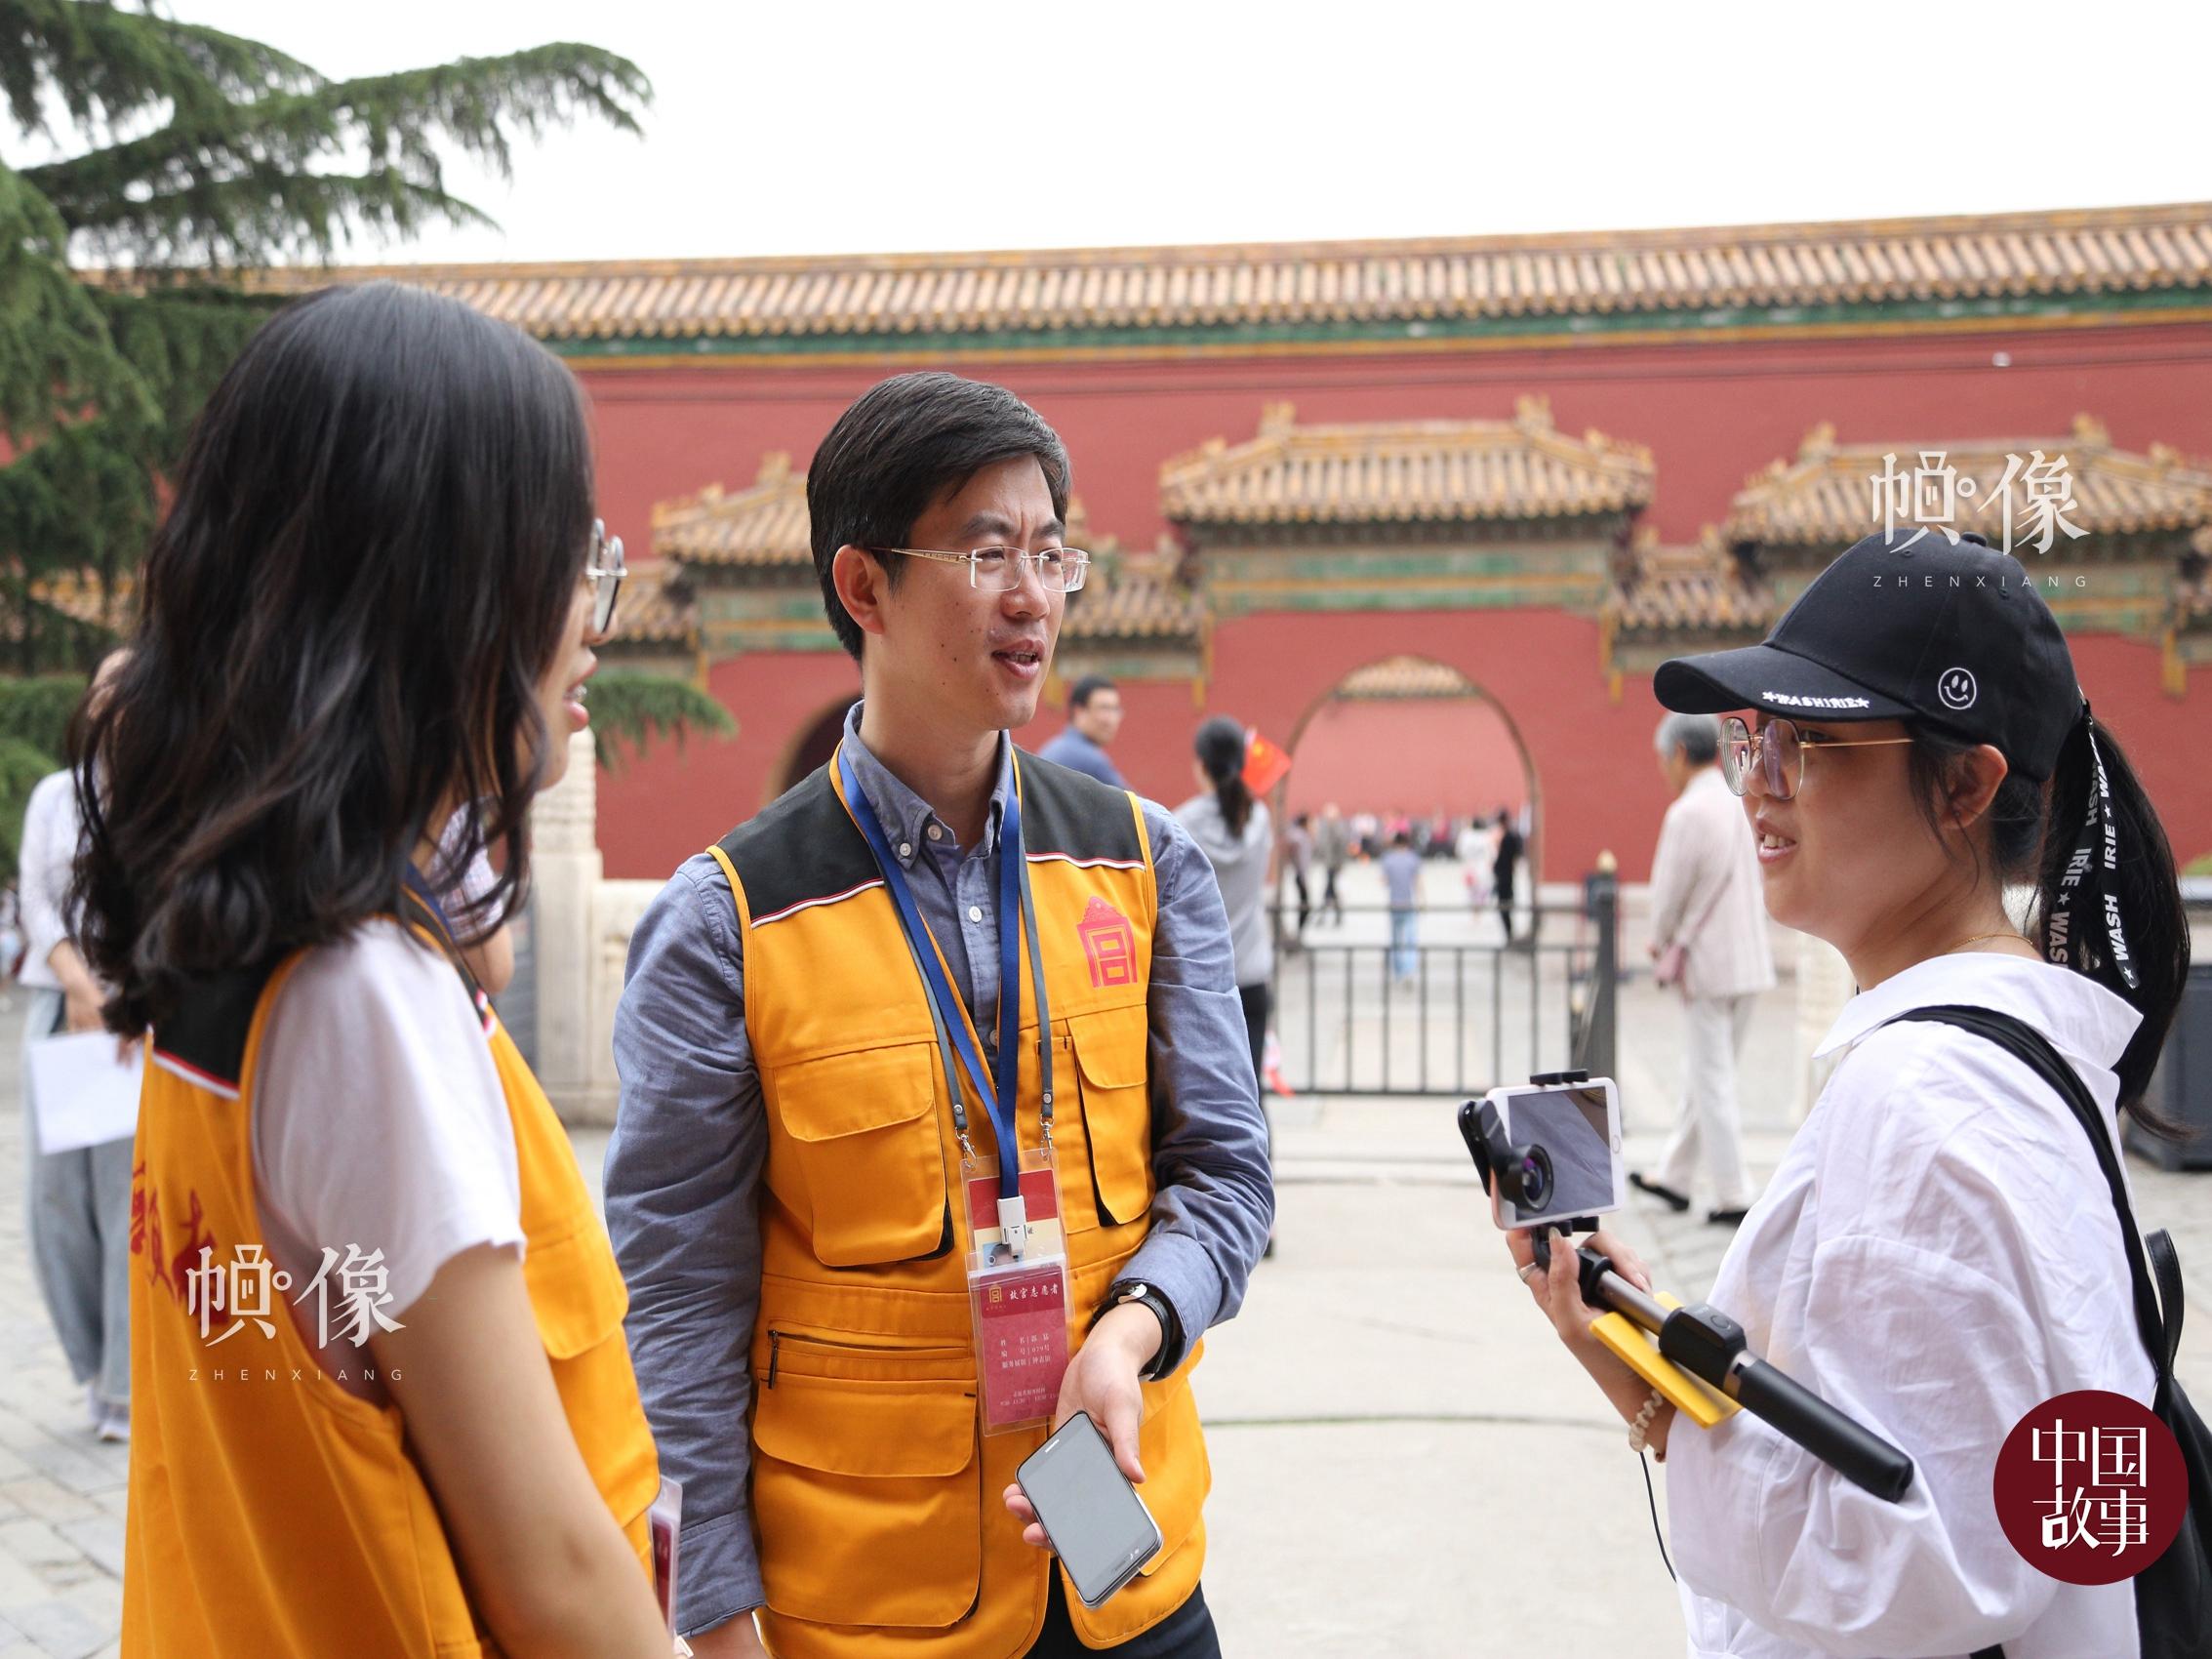 故宫志愿讲解员杨博雅(画面左)和郭猛(画面中)为游客讲解。 中国网实习记者 赵丹 摄